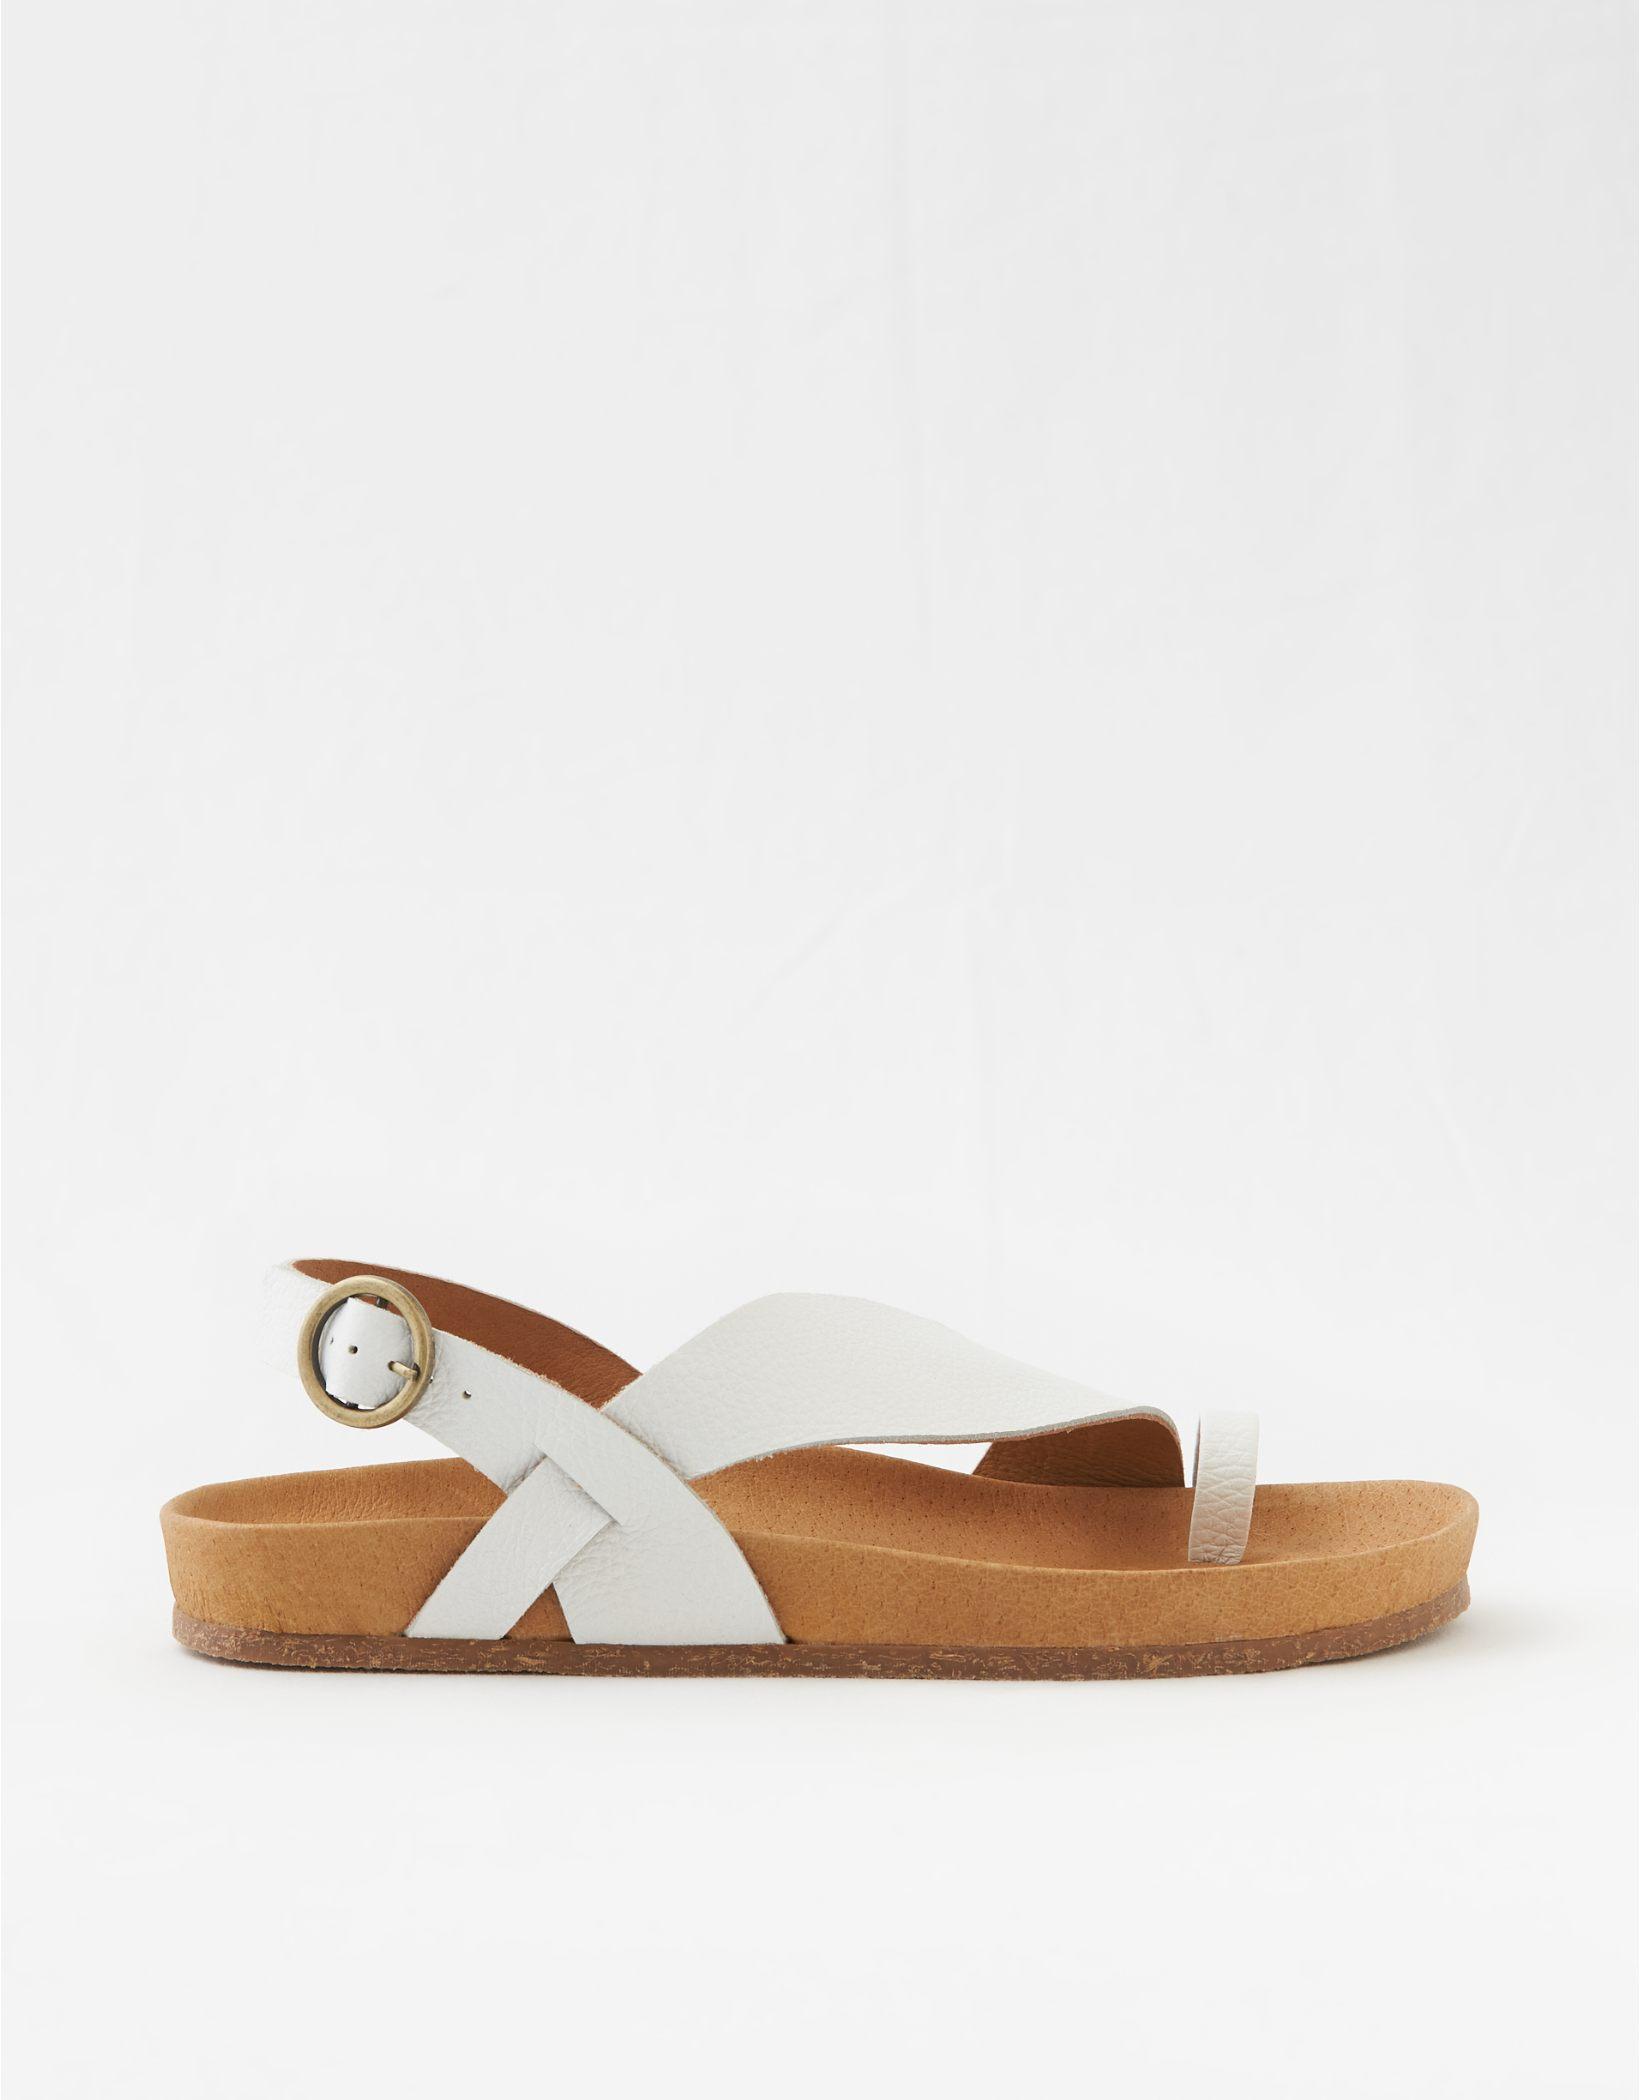 Soludos Maya Sandal